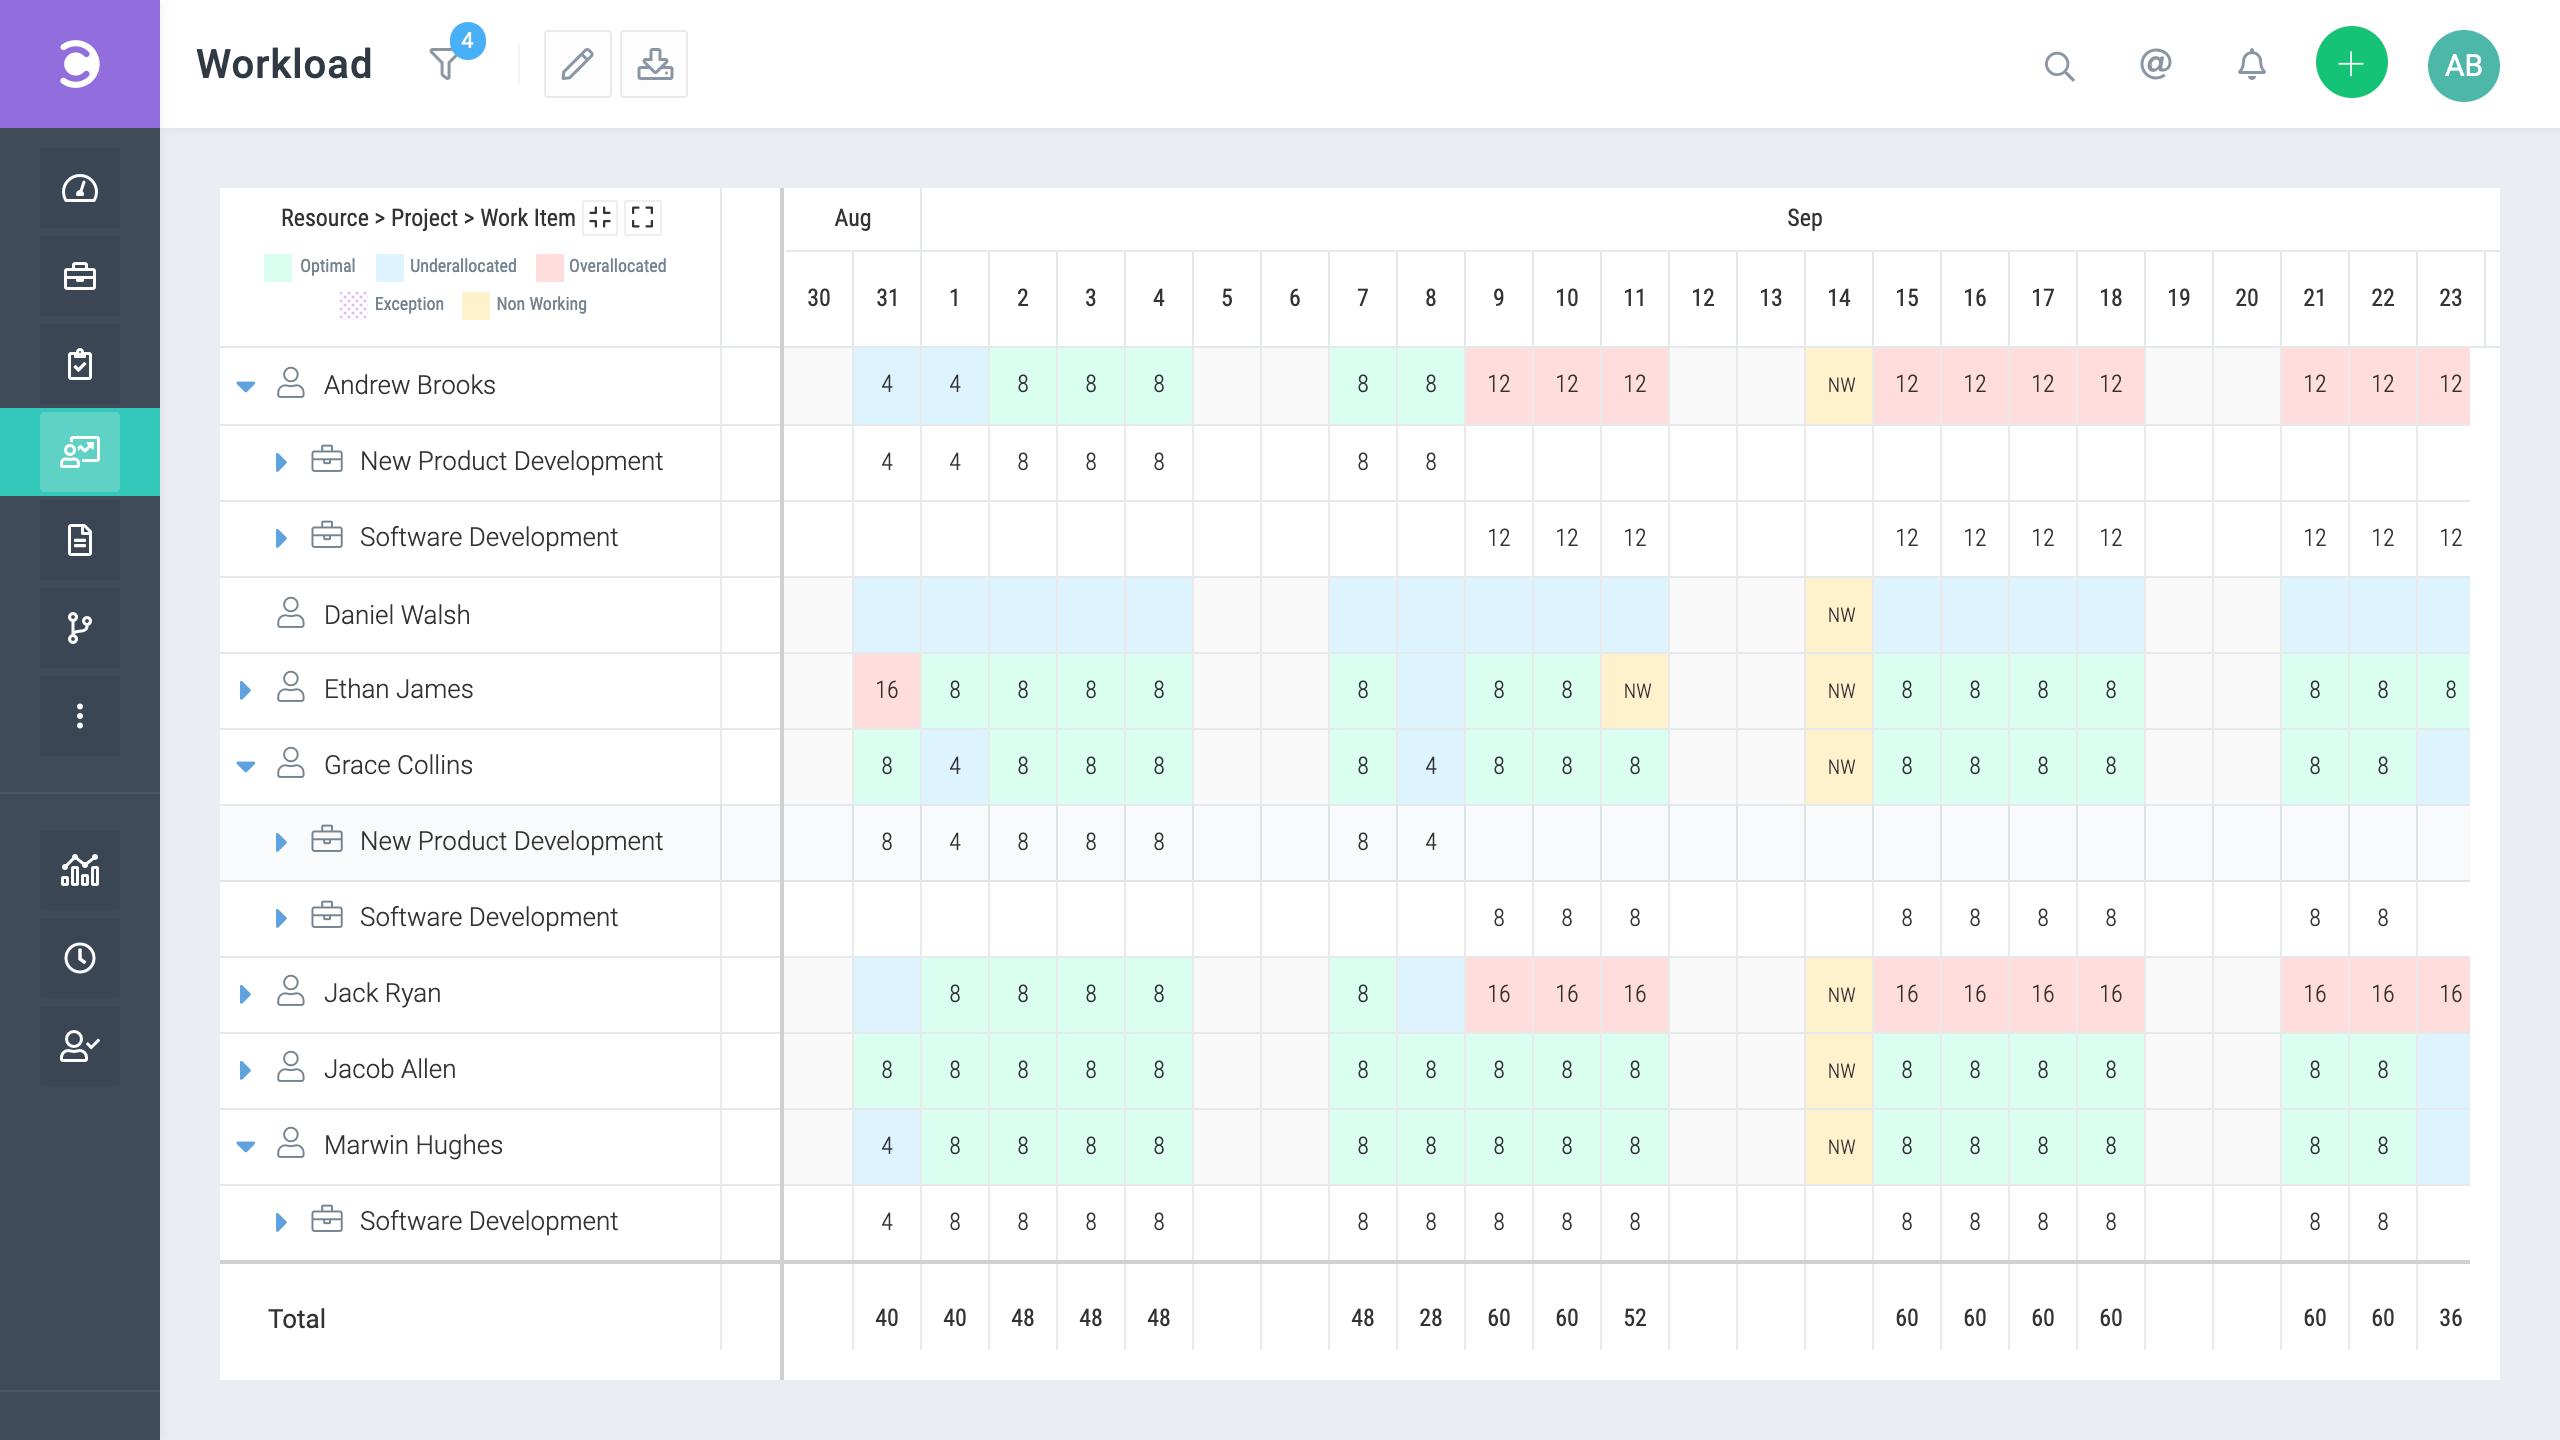 Celoxis-Workload